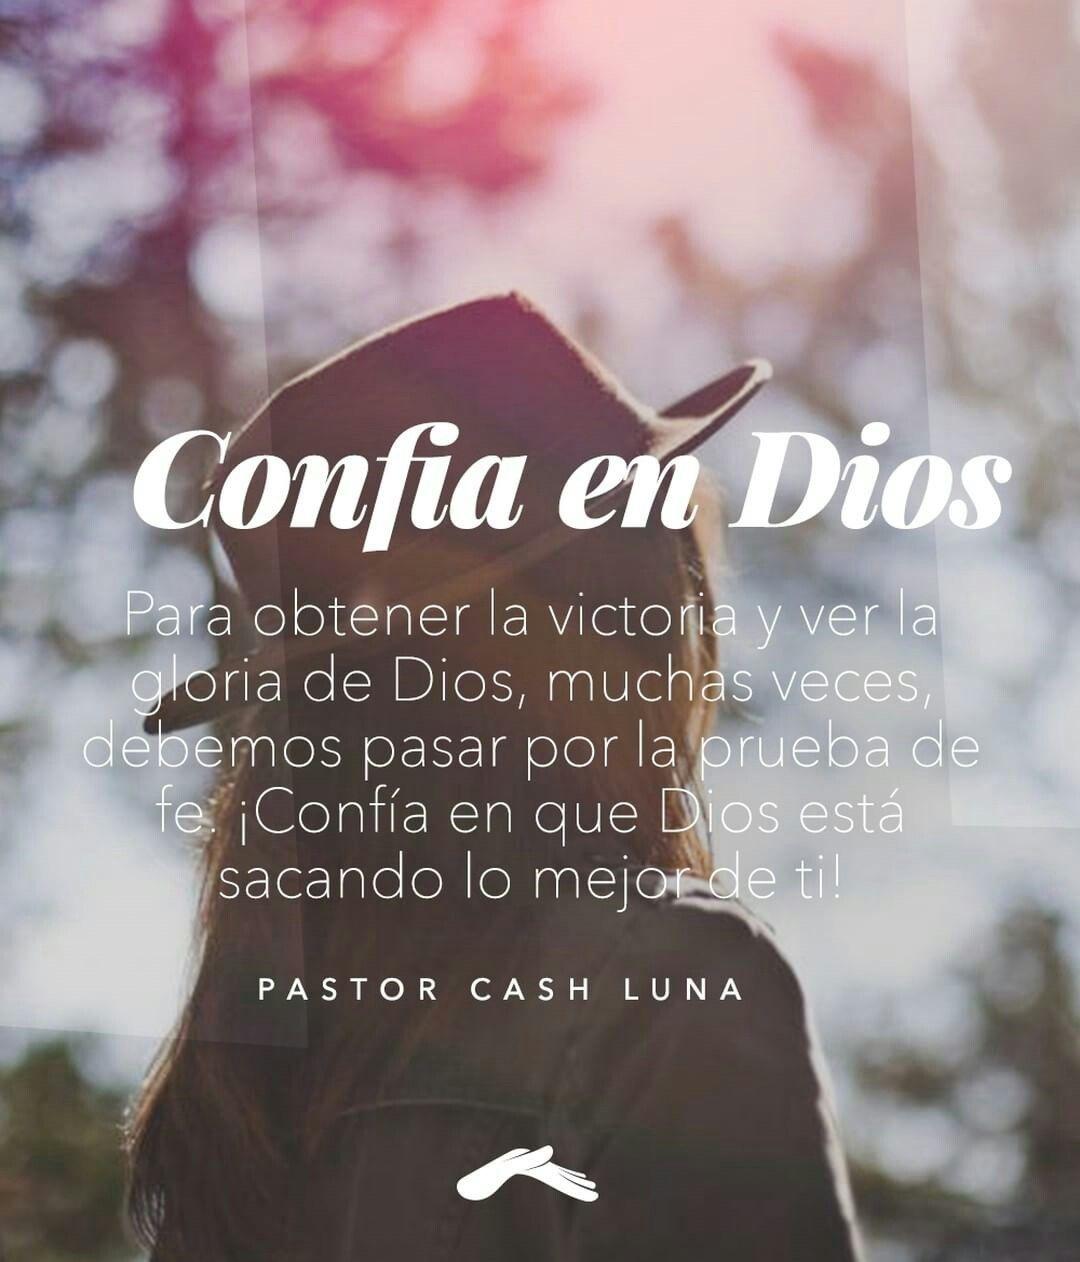 Pin De Rosaura Rosales En Casa De Dios Frases Religiosas Palabras De ánimo Mensajes De Jesucristo